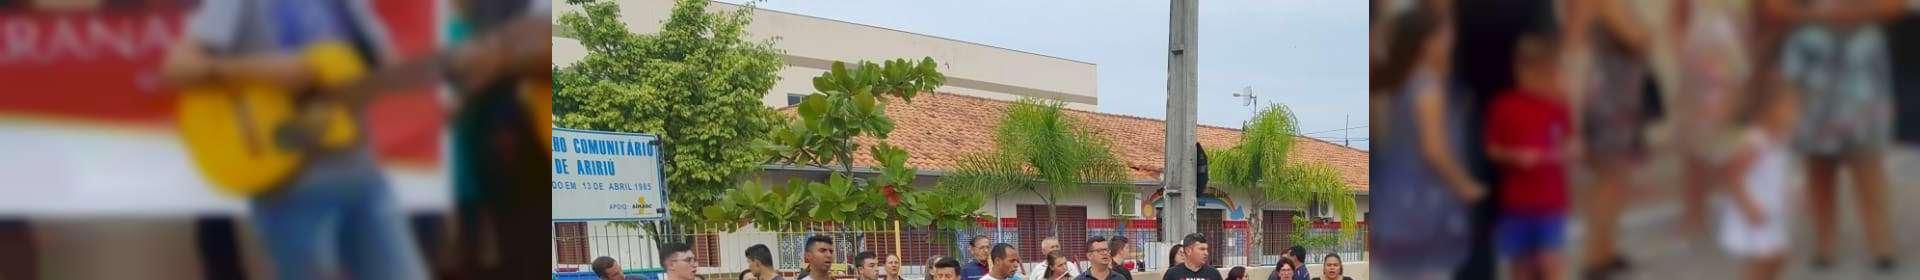 Evangelizações da Igreja Cristã Maranata envolvem jovens